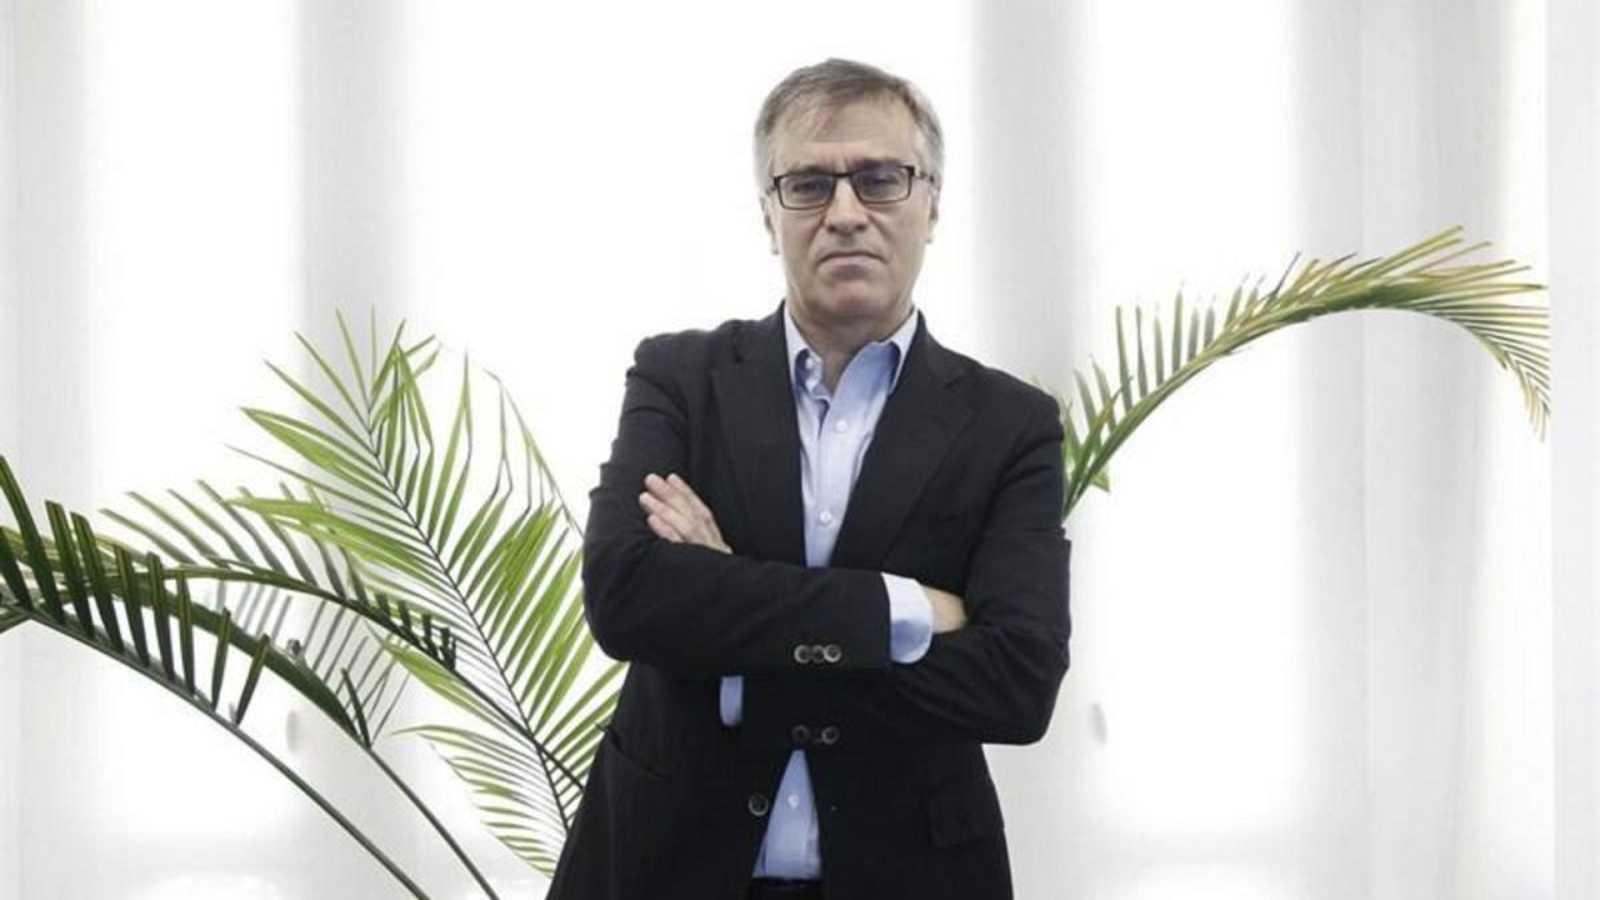 """4 horas fin de semana - 20 horas - Guillermo Solana: """"No queremos renunciar a las exposiciones temporales"""" - Escuchar ahora"""